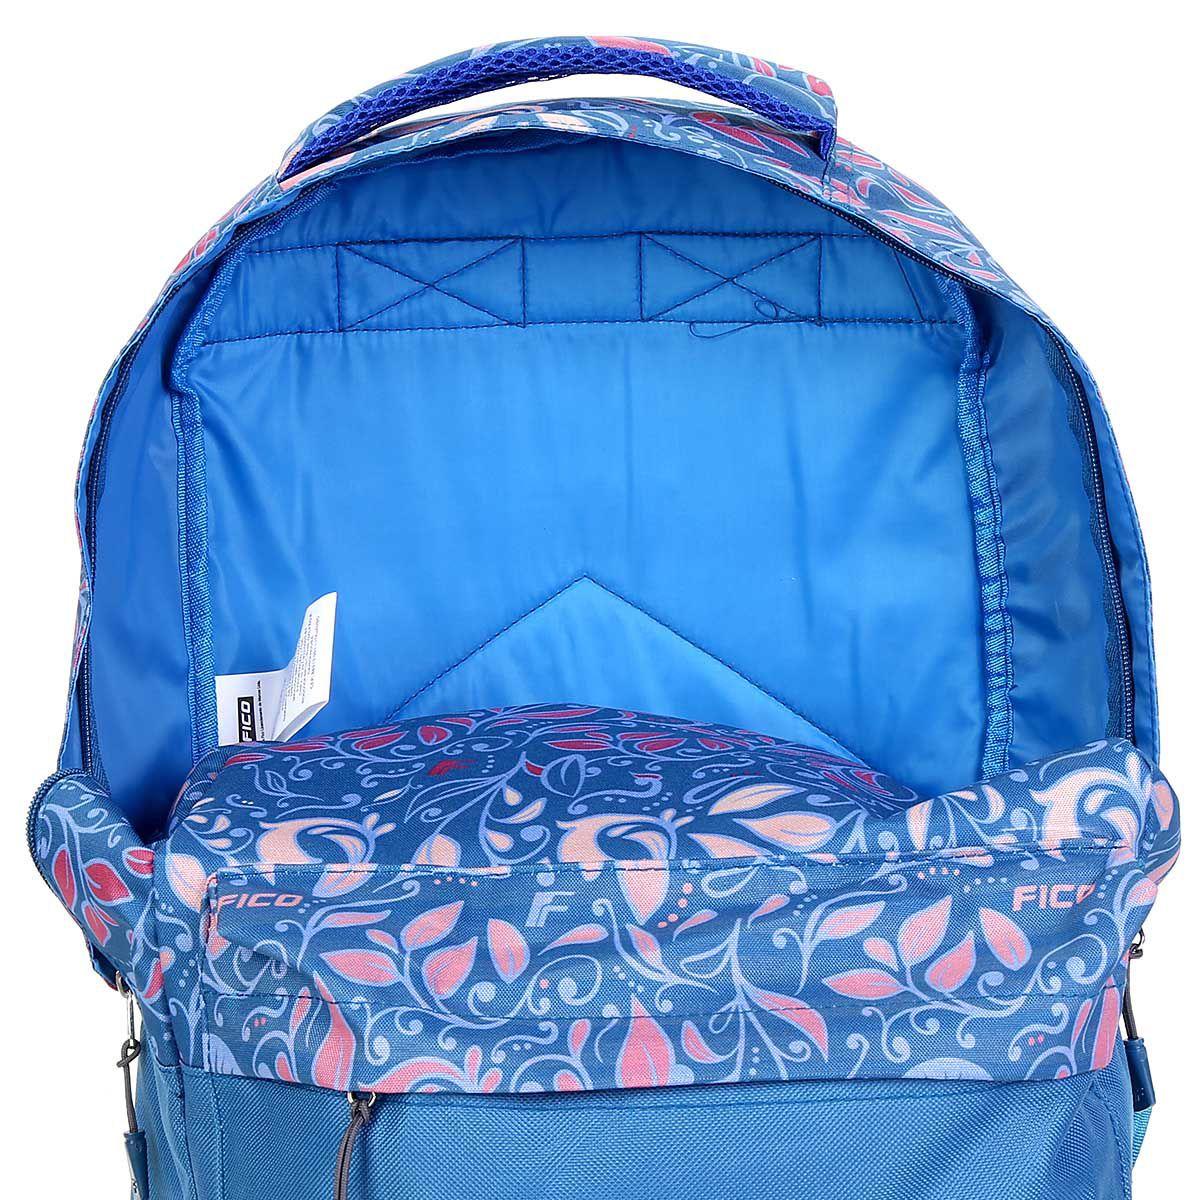 Mochila Feminina Fico Azul MS45676FC-AZ